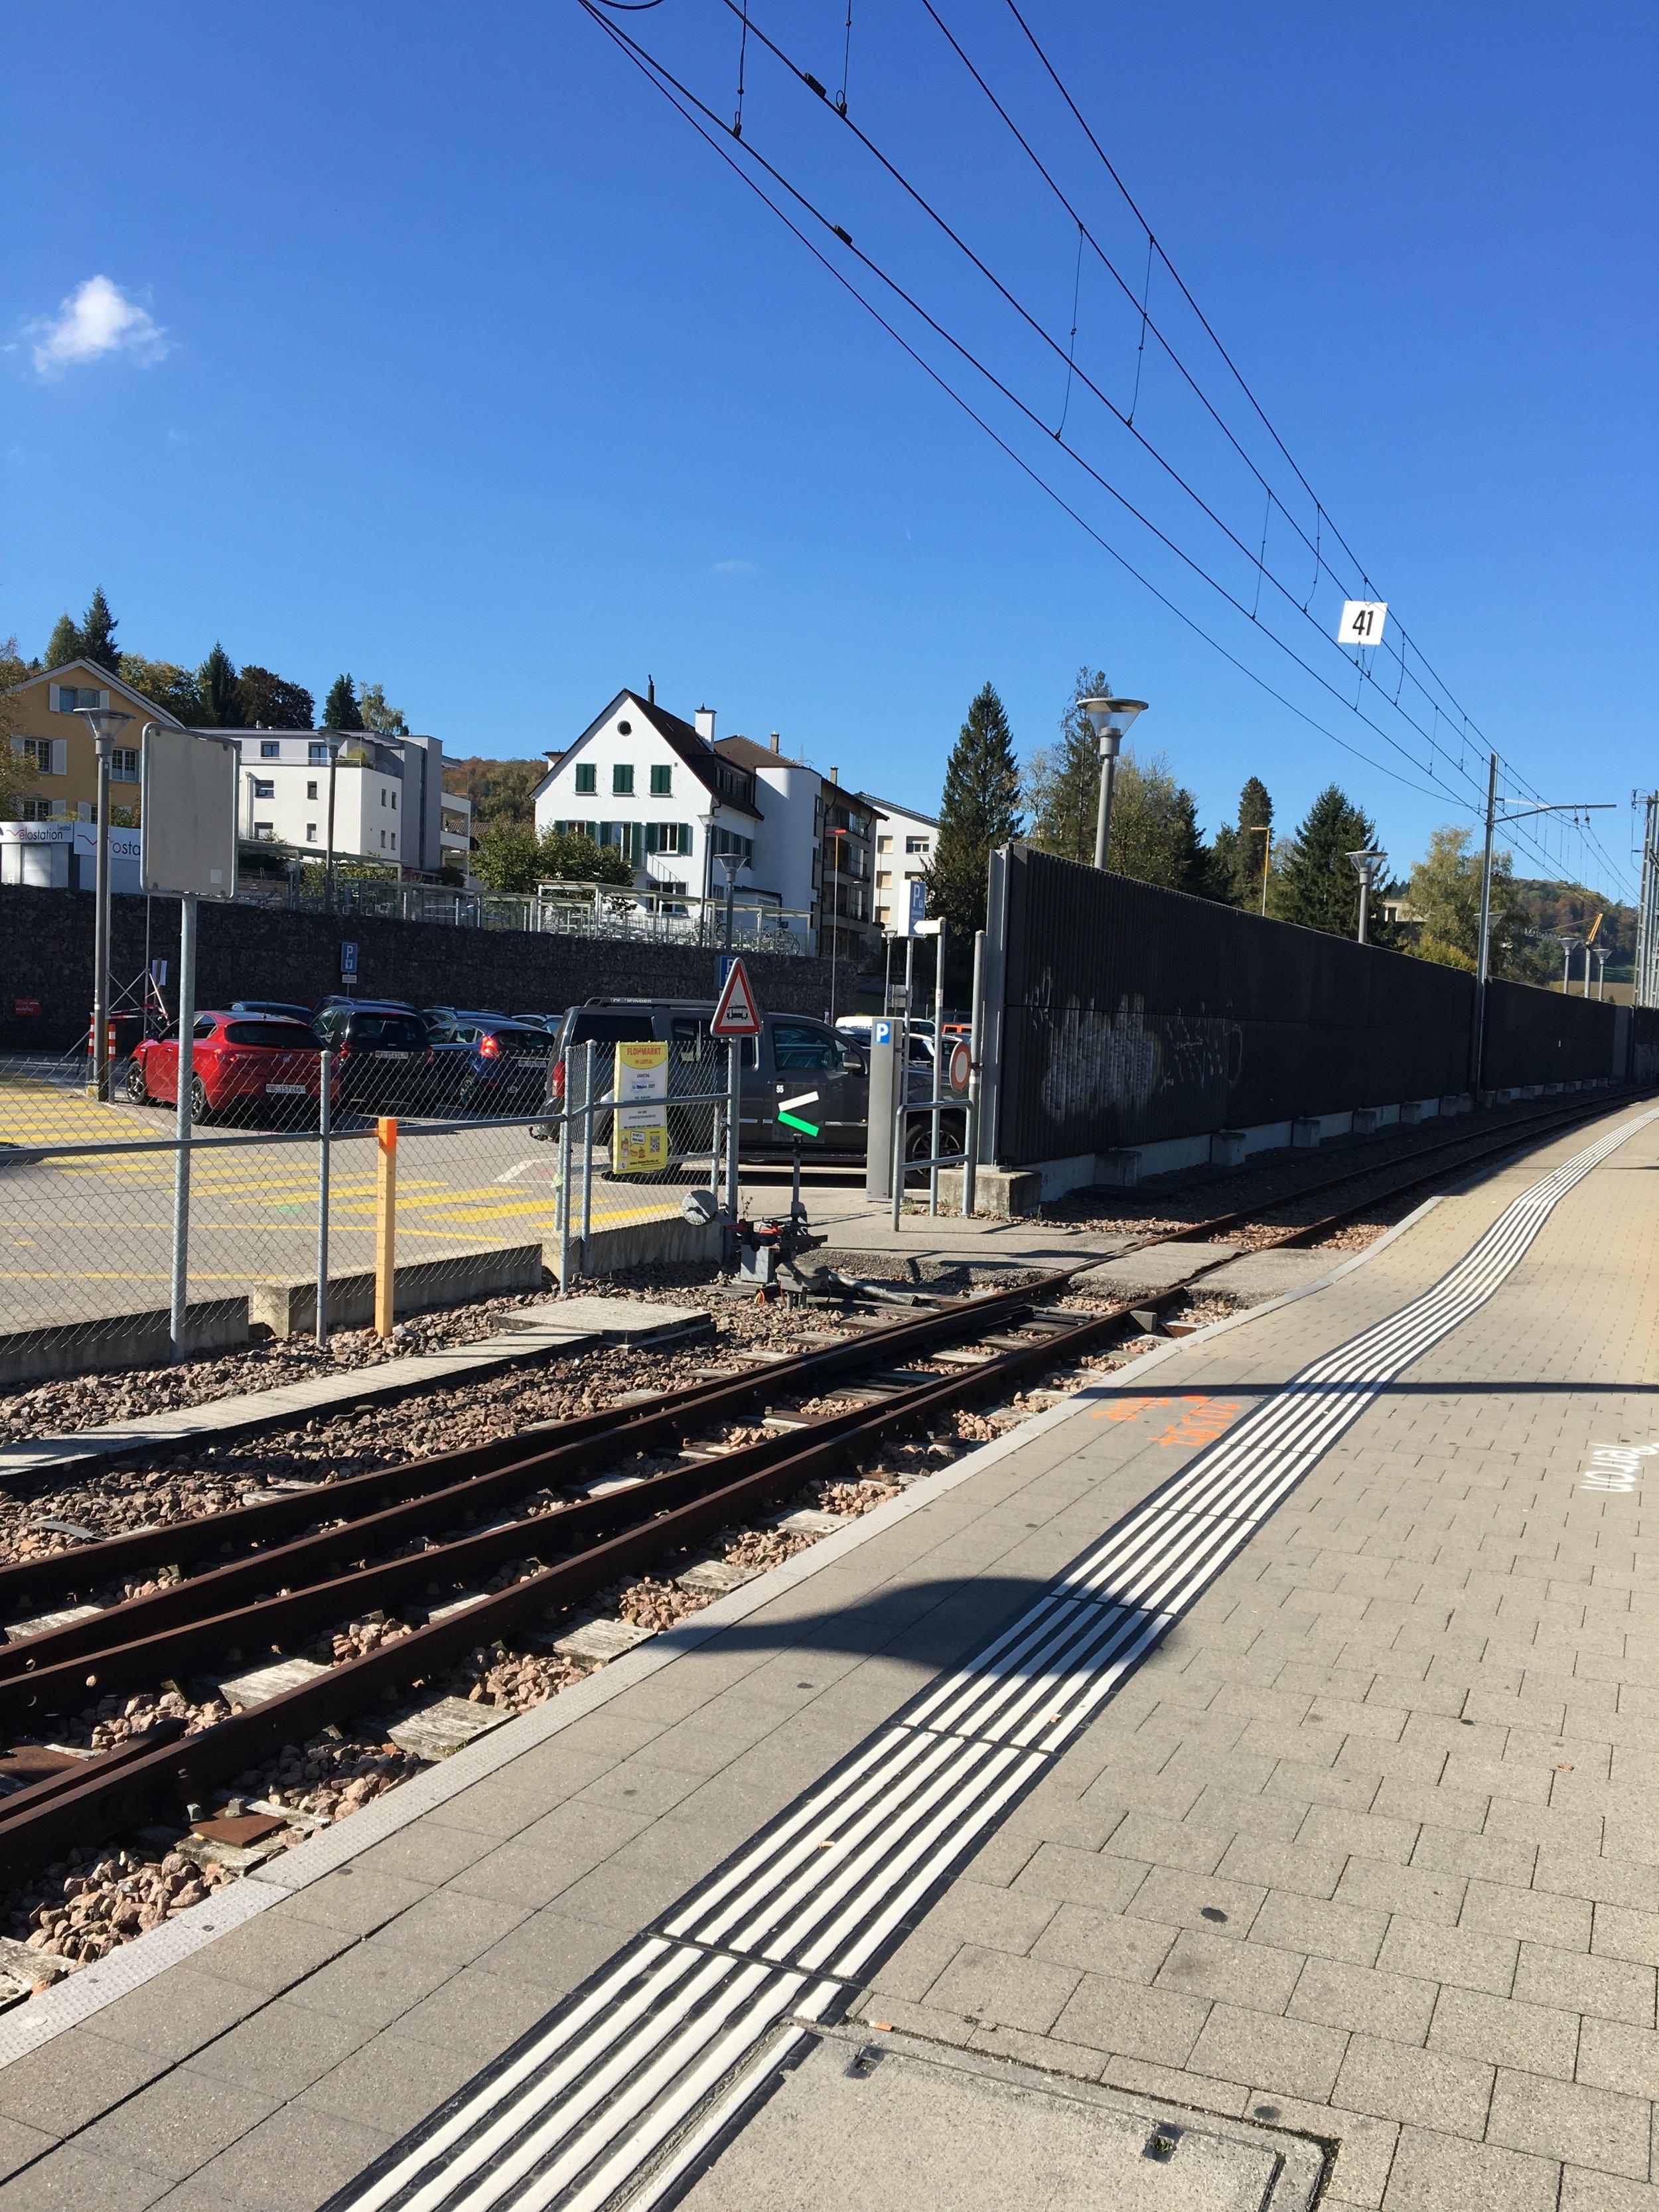 Kleiner Bahnübergang (Waldenburgerbahn) auf Gleis 4 nehmen...